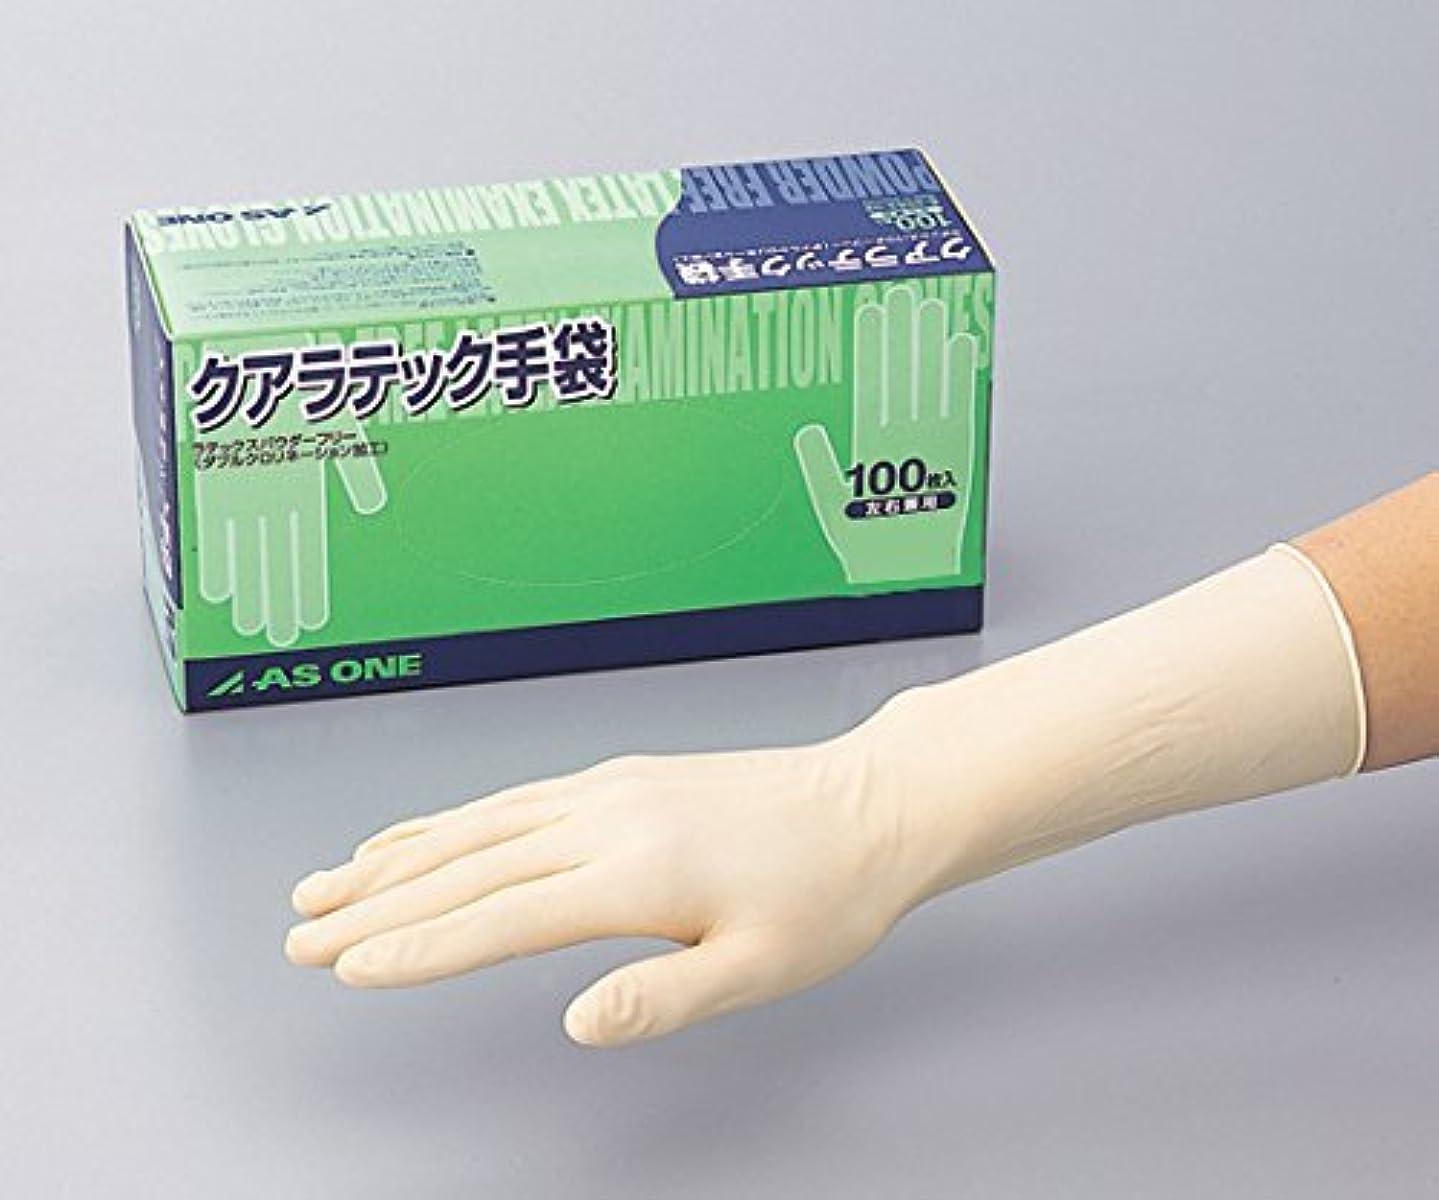 黙手数料クモアズワン8-4053-01クアラテック手袋(DXパウダーフリー)L1箱(100枚入)